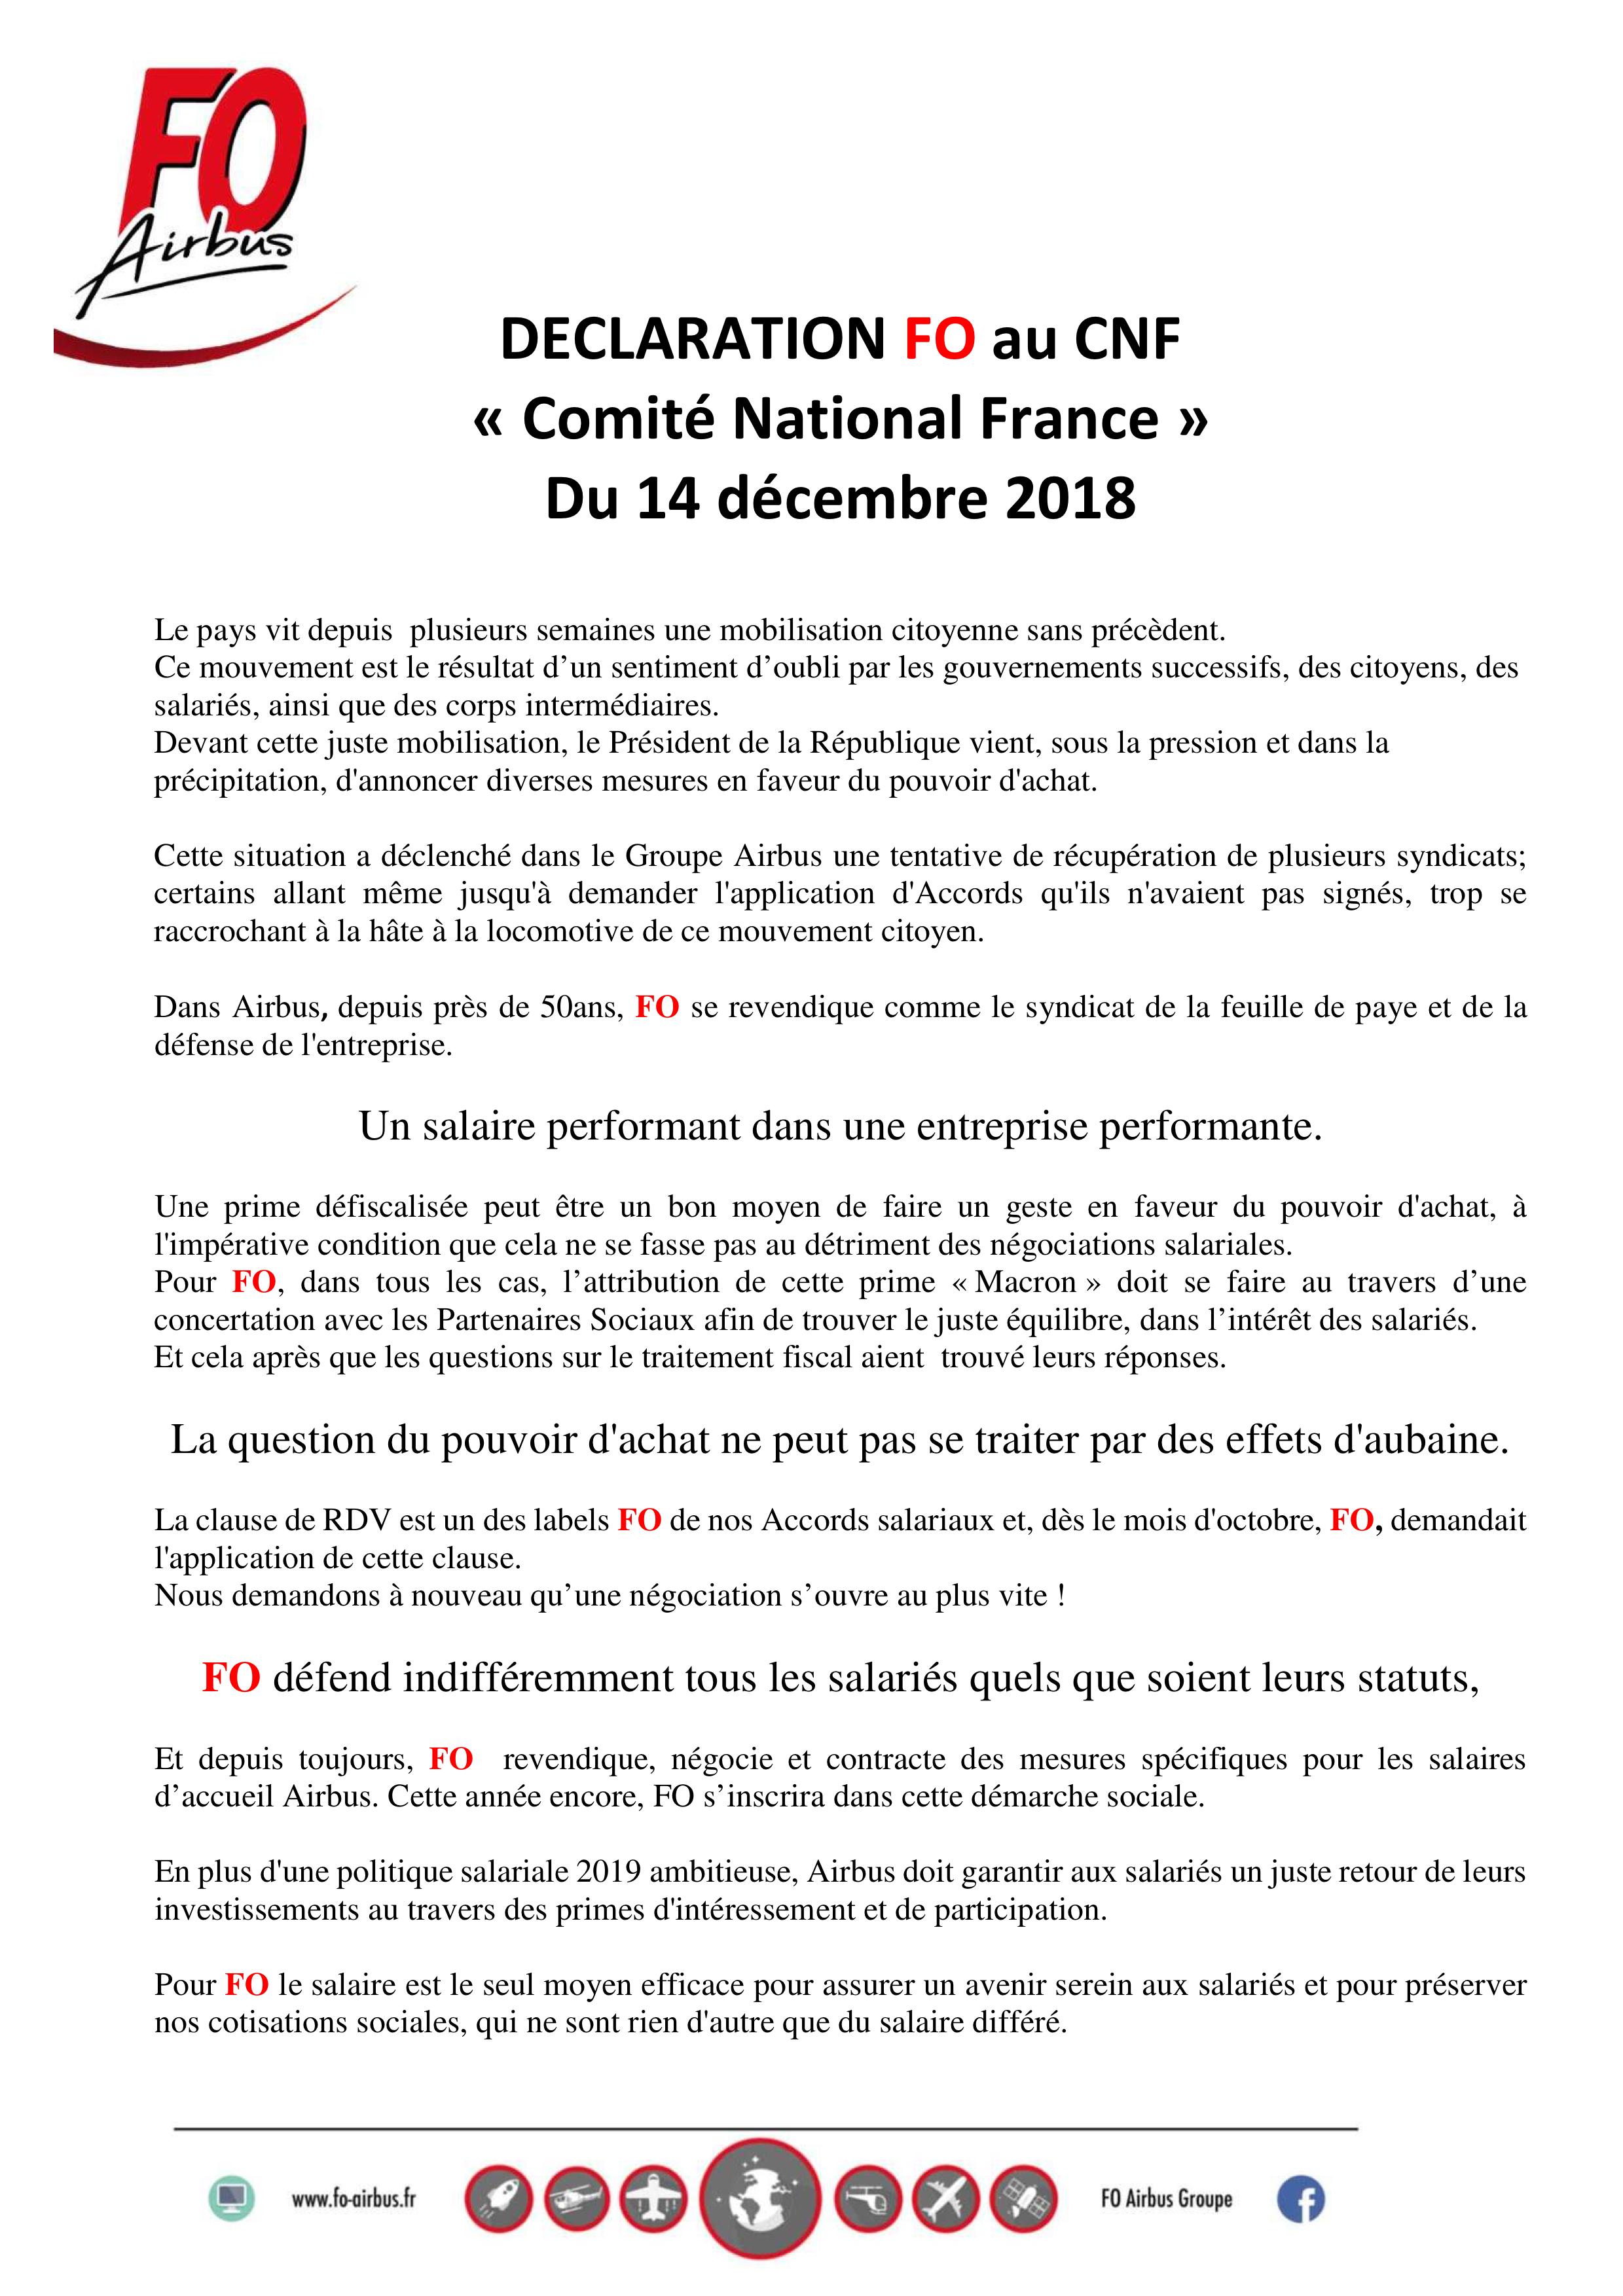 Déclaration FO au CNF et prime Macron groupe Airbus